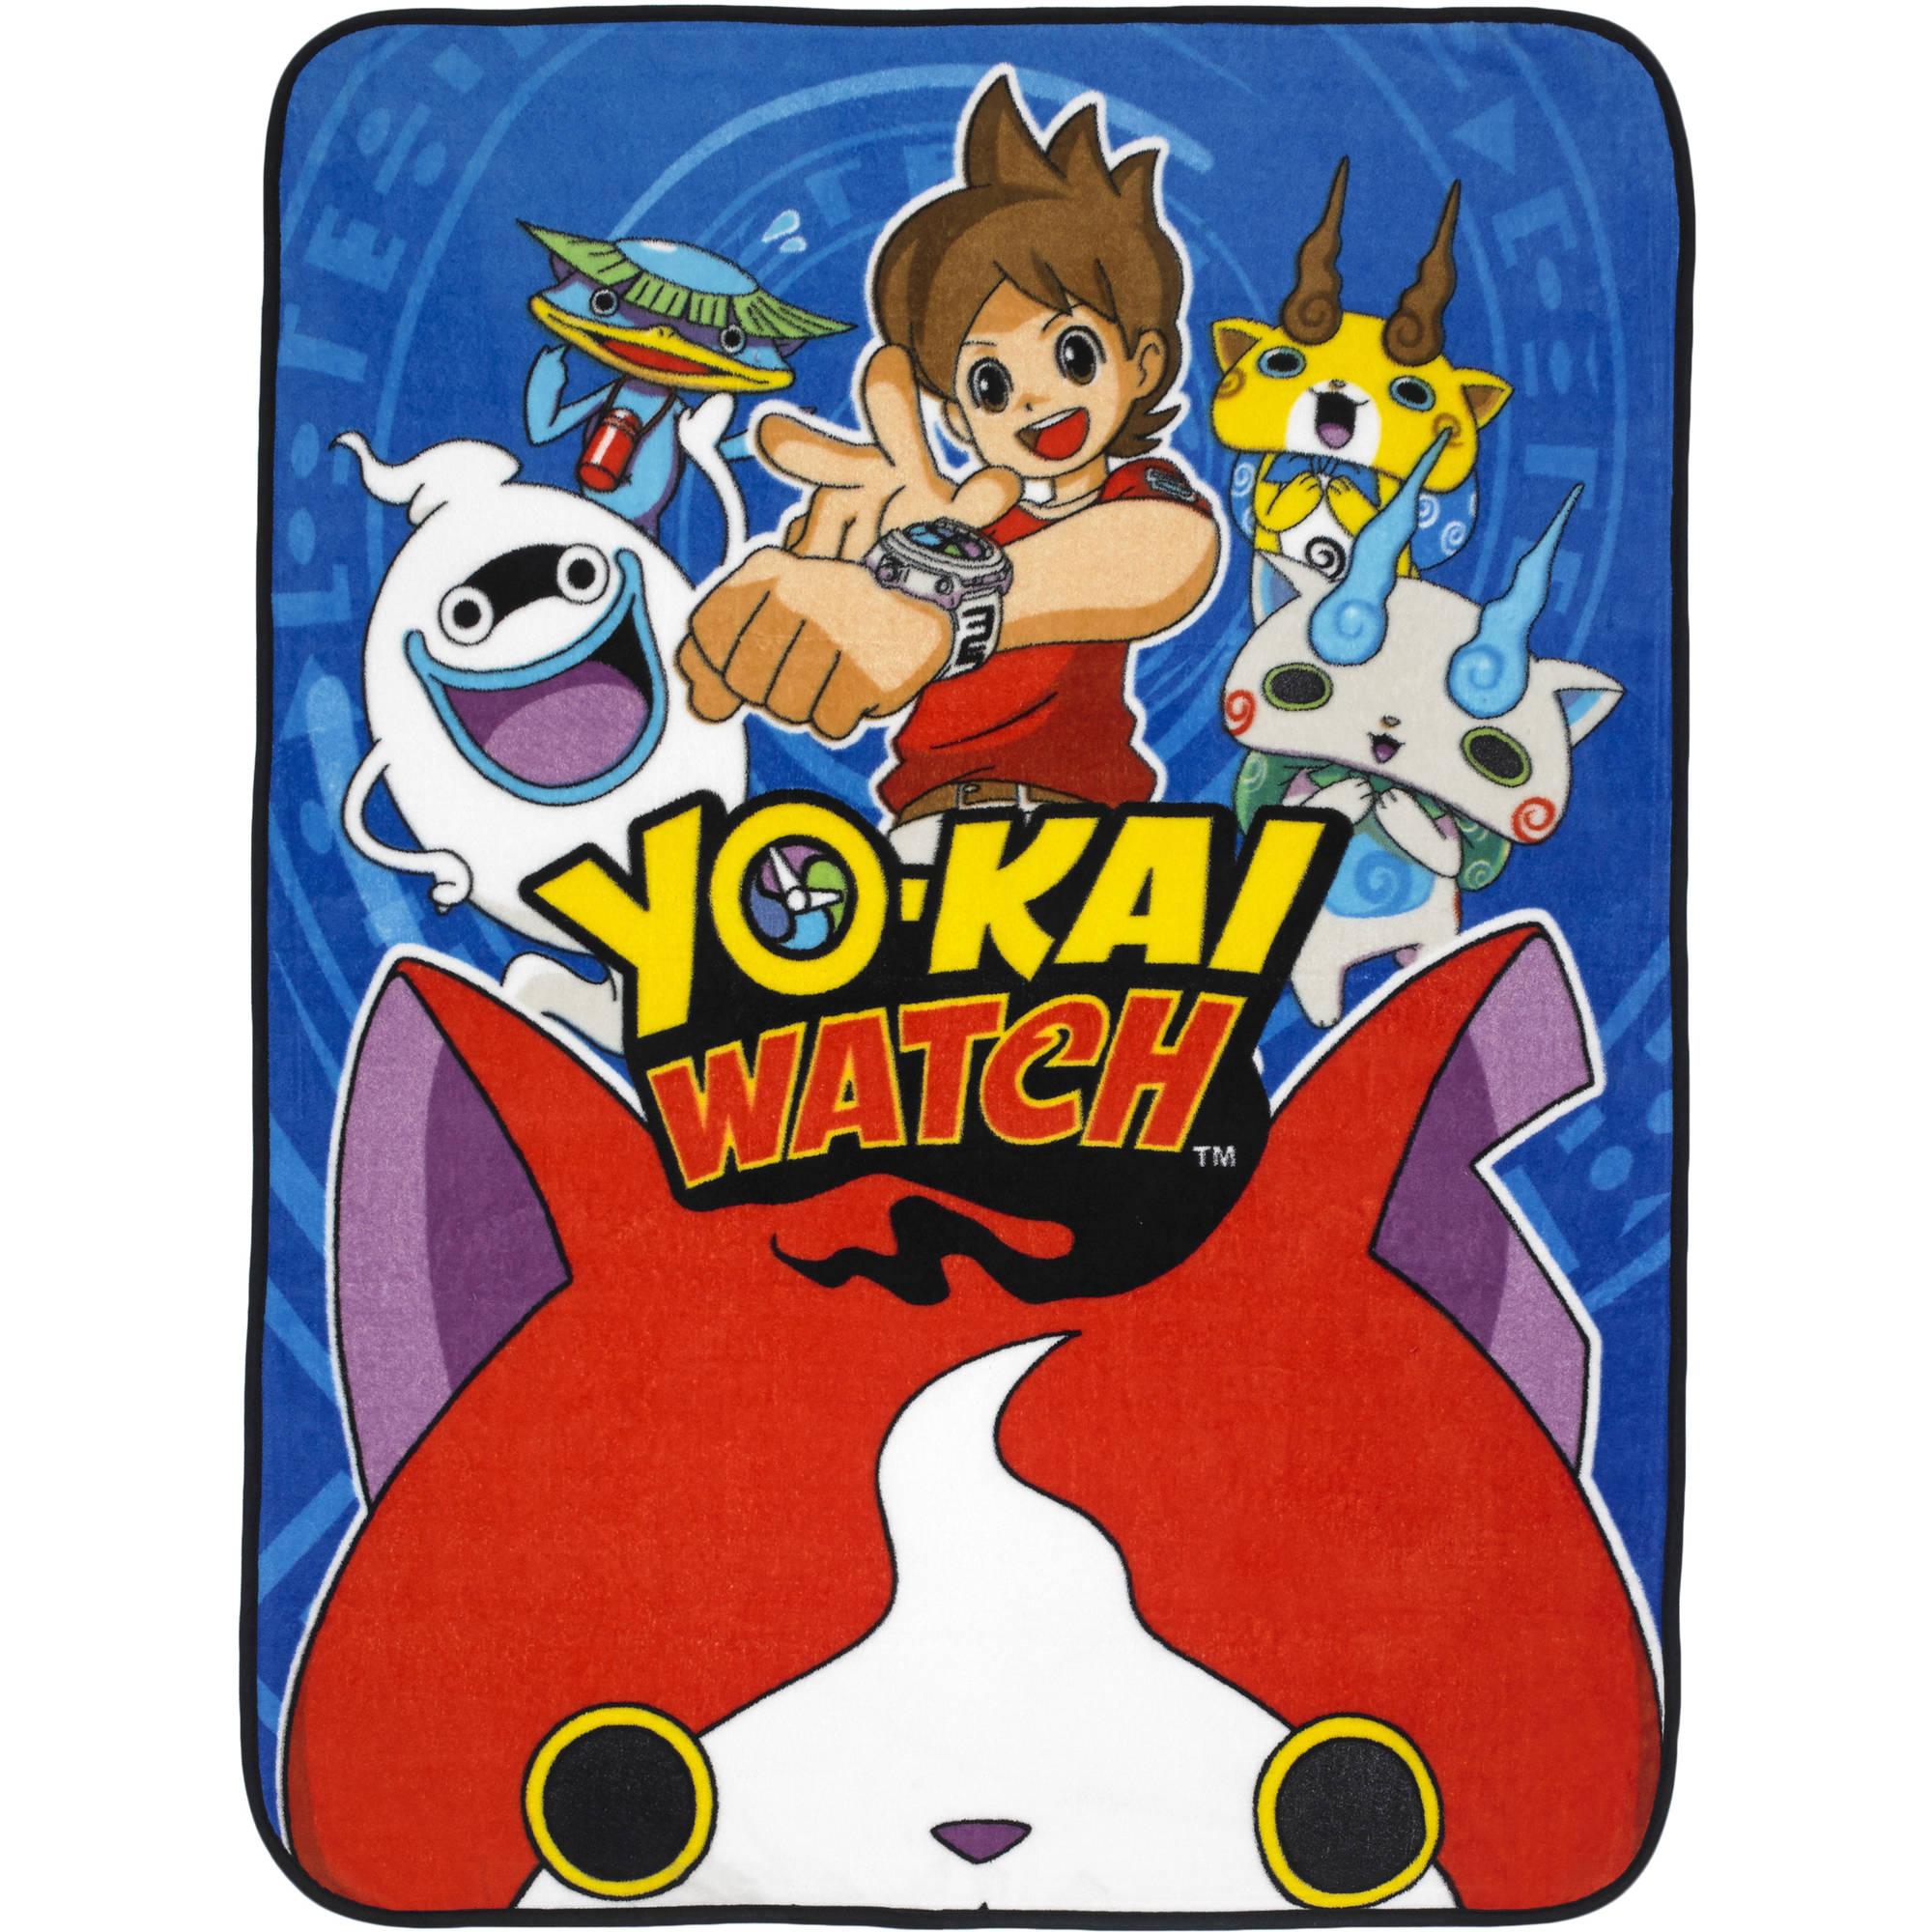 Yokai Watch u0022Play Coinsu0022 46u0022 x 60u0022 Plush Throw, 1 Each